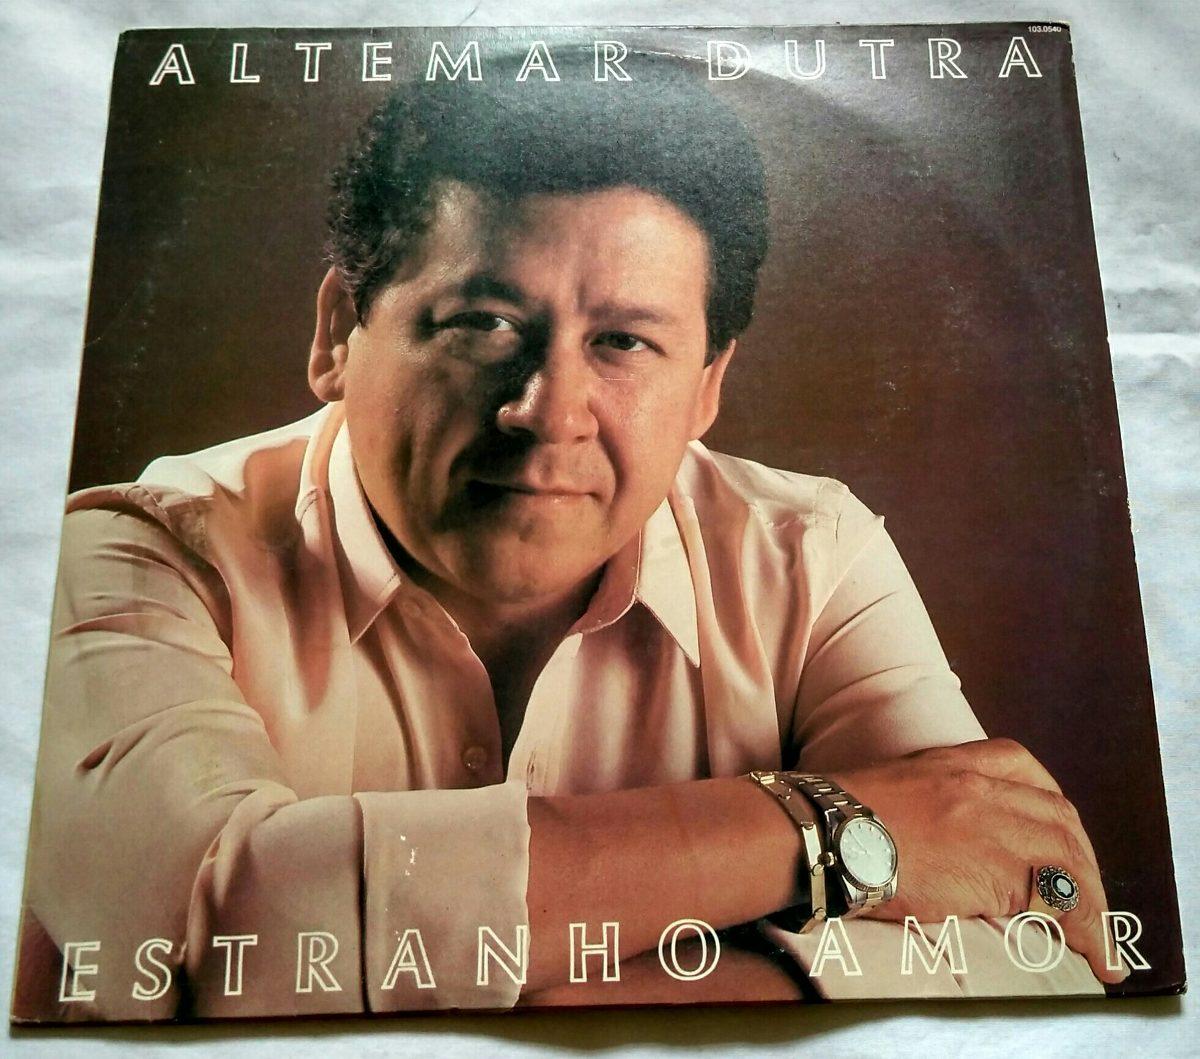 Amor Estranho Amor 1982 lp altemar dutra - estranho amor (1982)